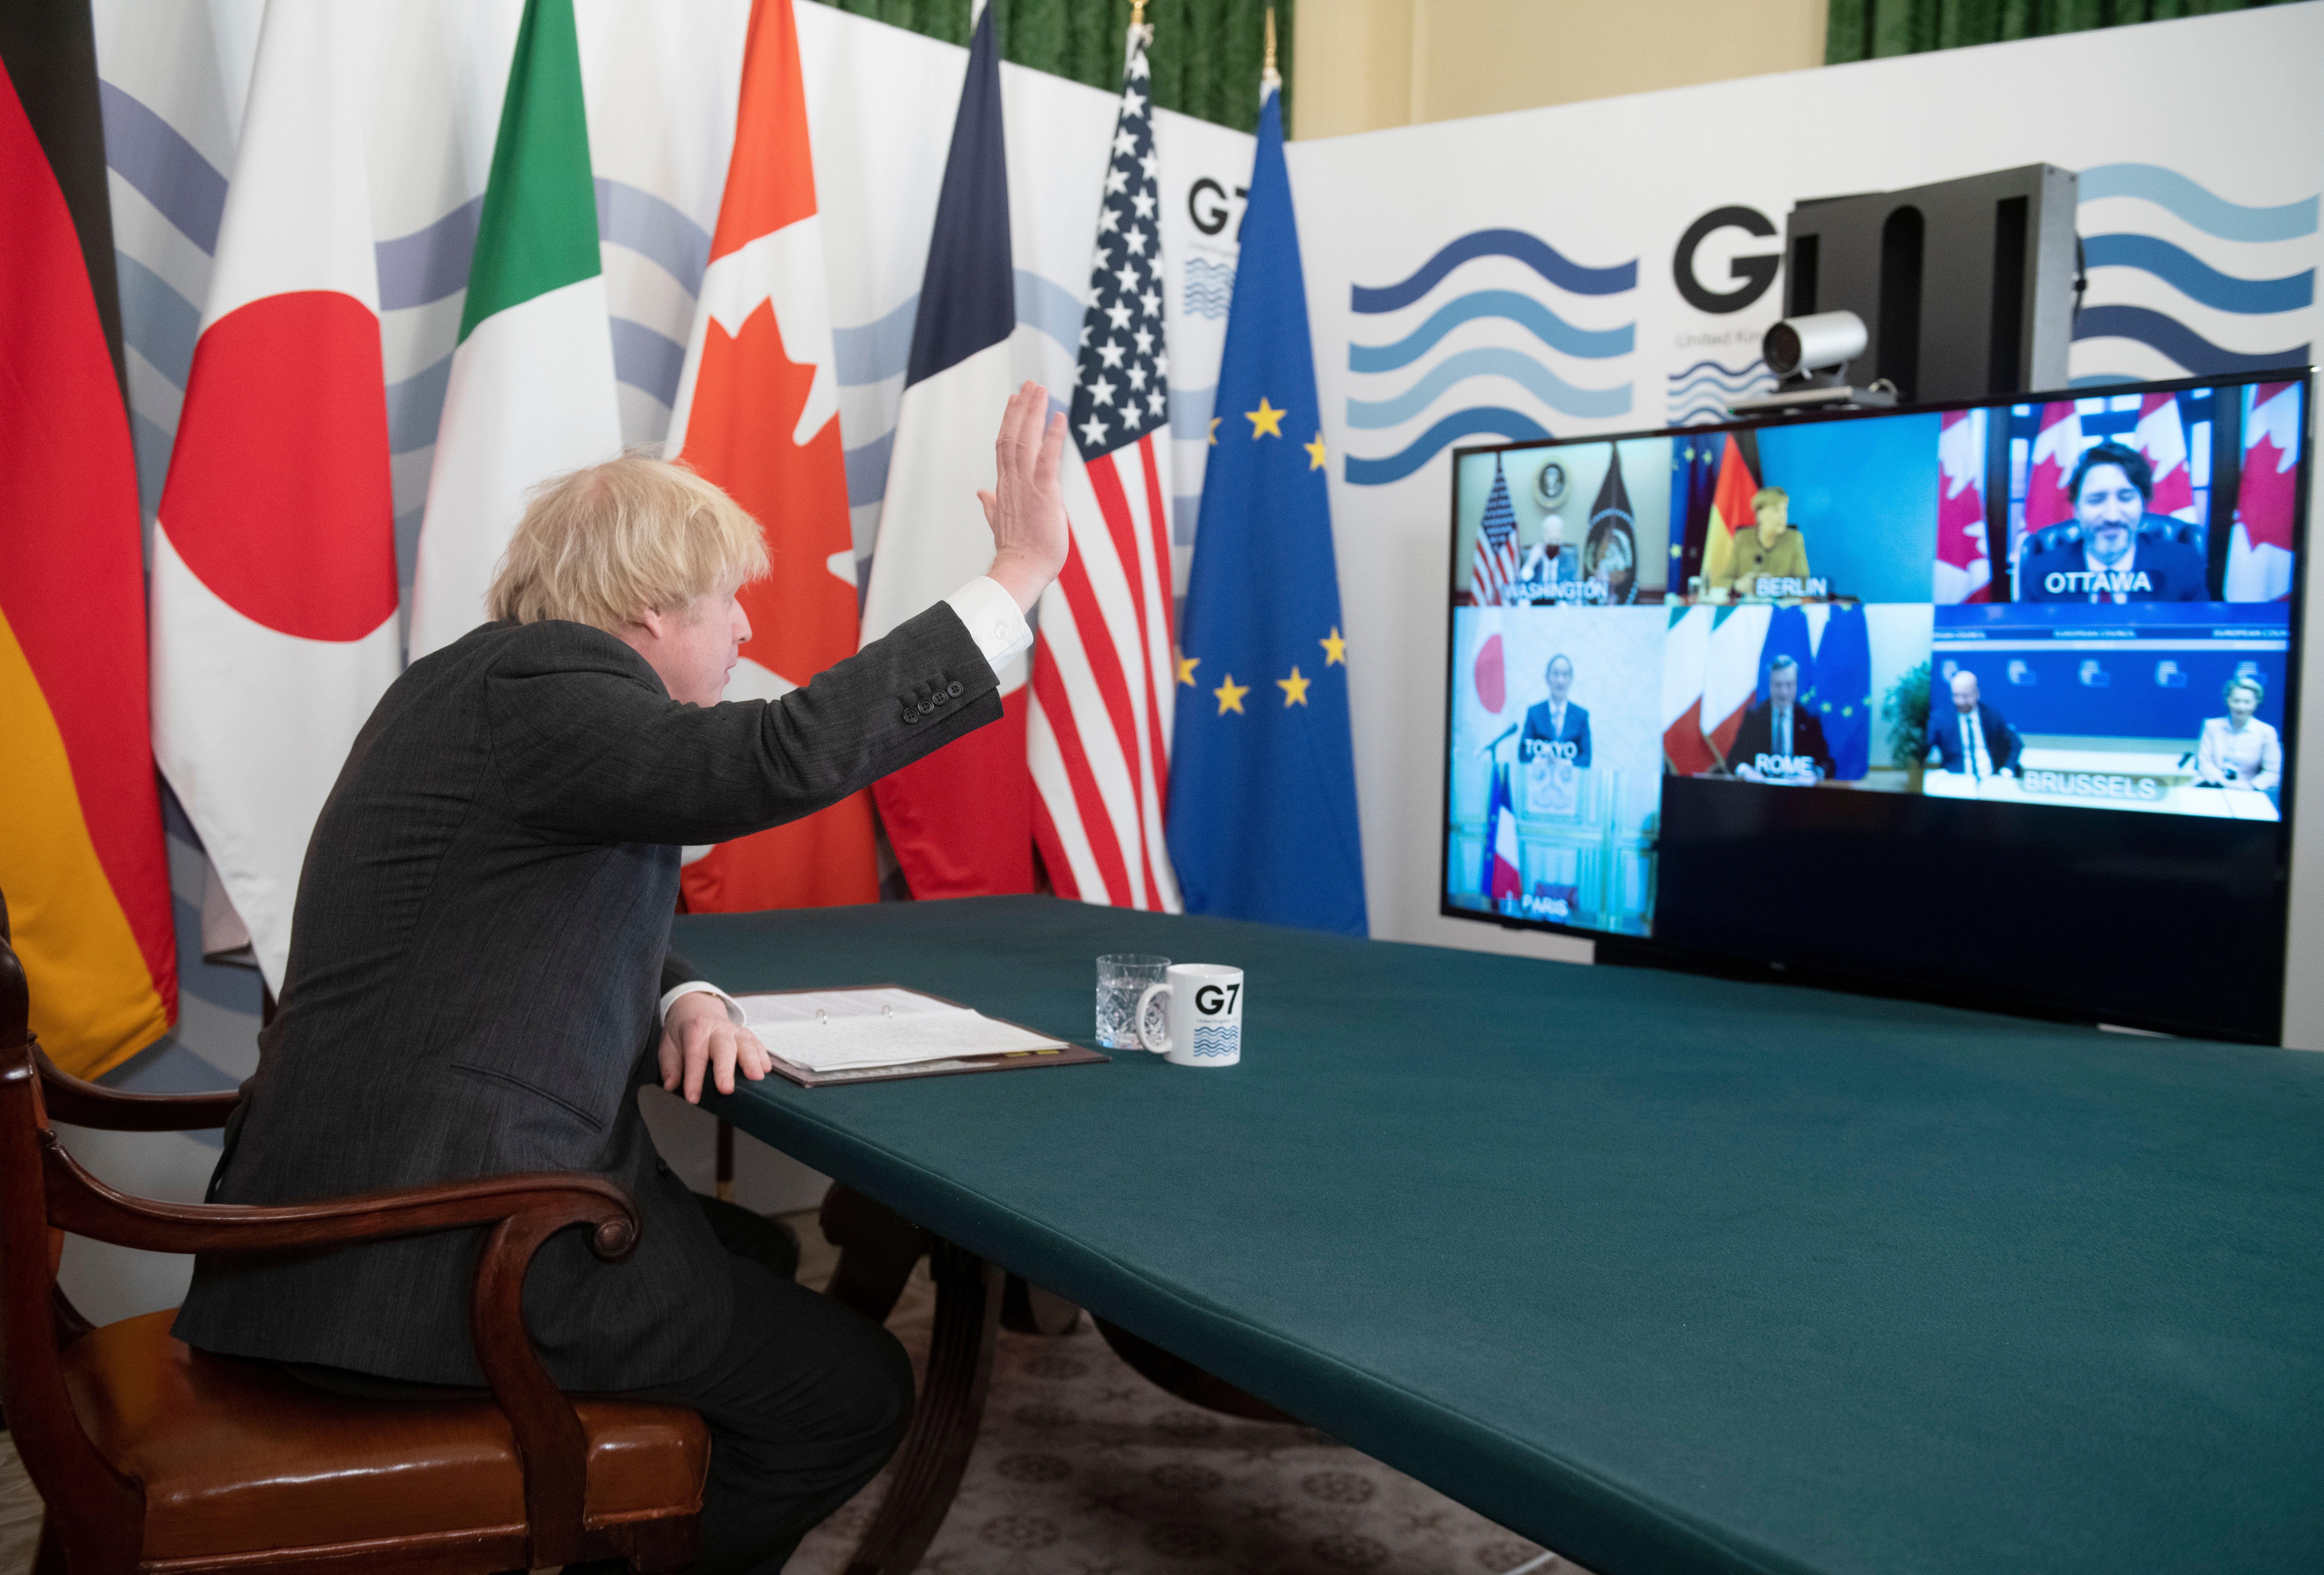 Britannian pääministeri Boris Johnson isännöi G7-kokousta helmikuussa. Osallistujia hänkin katseli ruudulta. Kuva: Geoff Pugh/Shutterstock/All Over Press